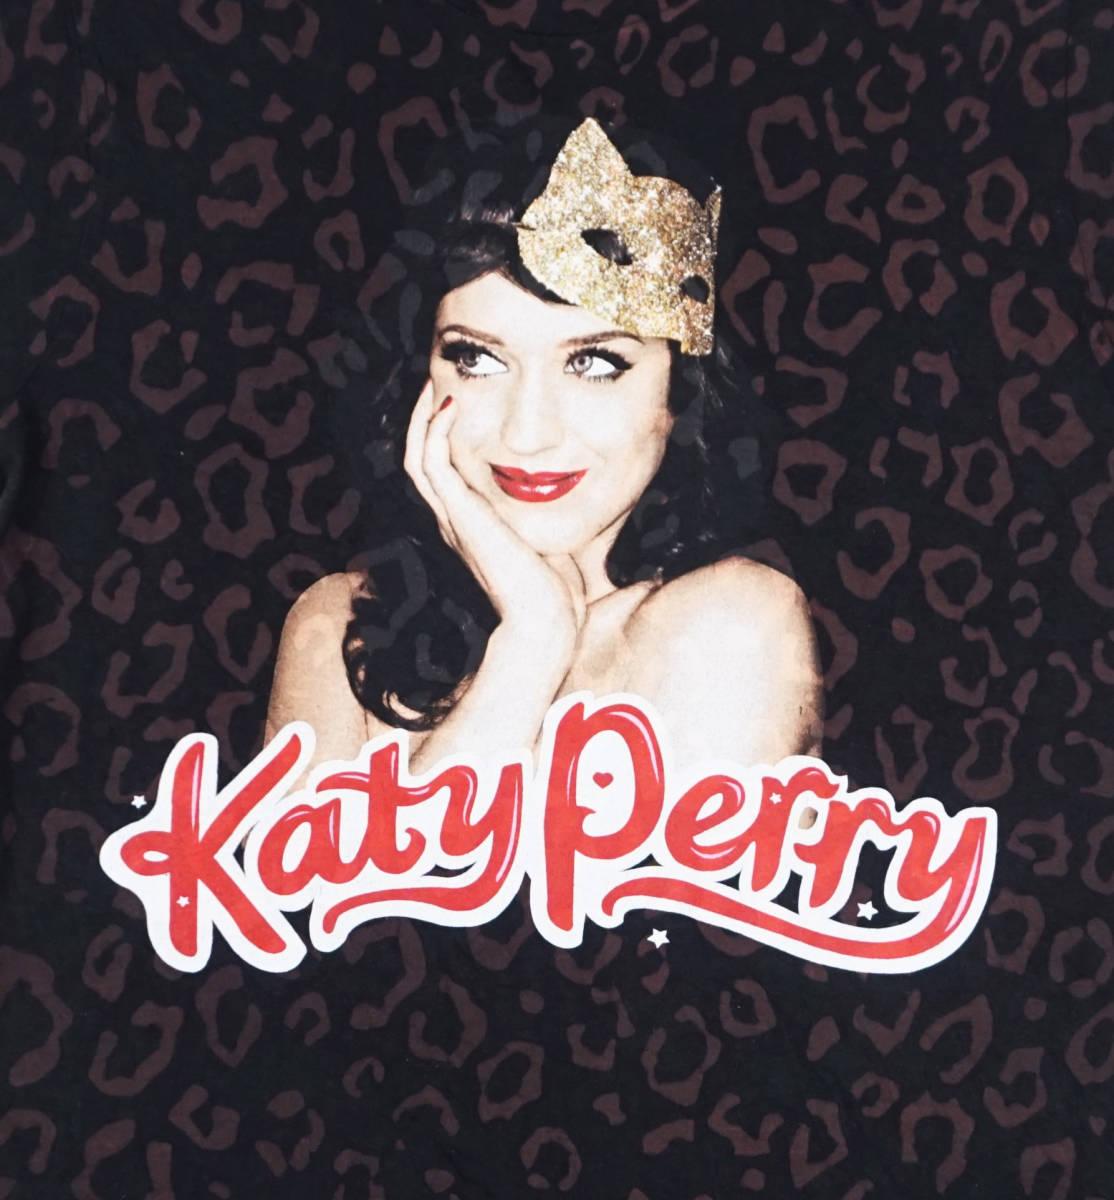 激レア! 2009年 KATY PERRY 『THE HELLO KATY』 ツアー Tシャツ LADY GAGA SIA MADONNA LANA DEL REY BRITNEY SPEARS CARDI B NICKI MINAJ_画像4